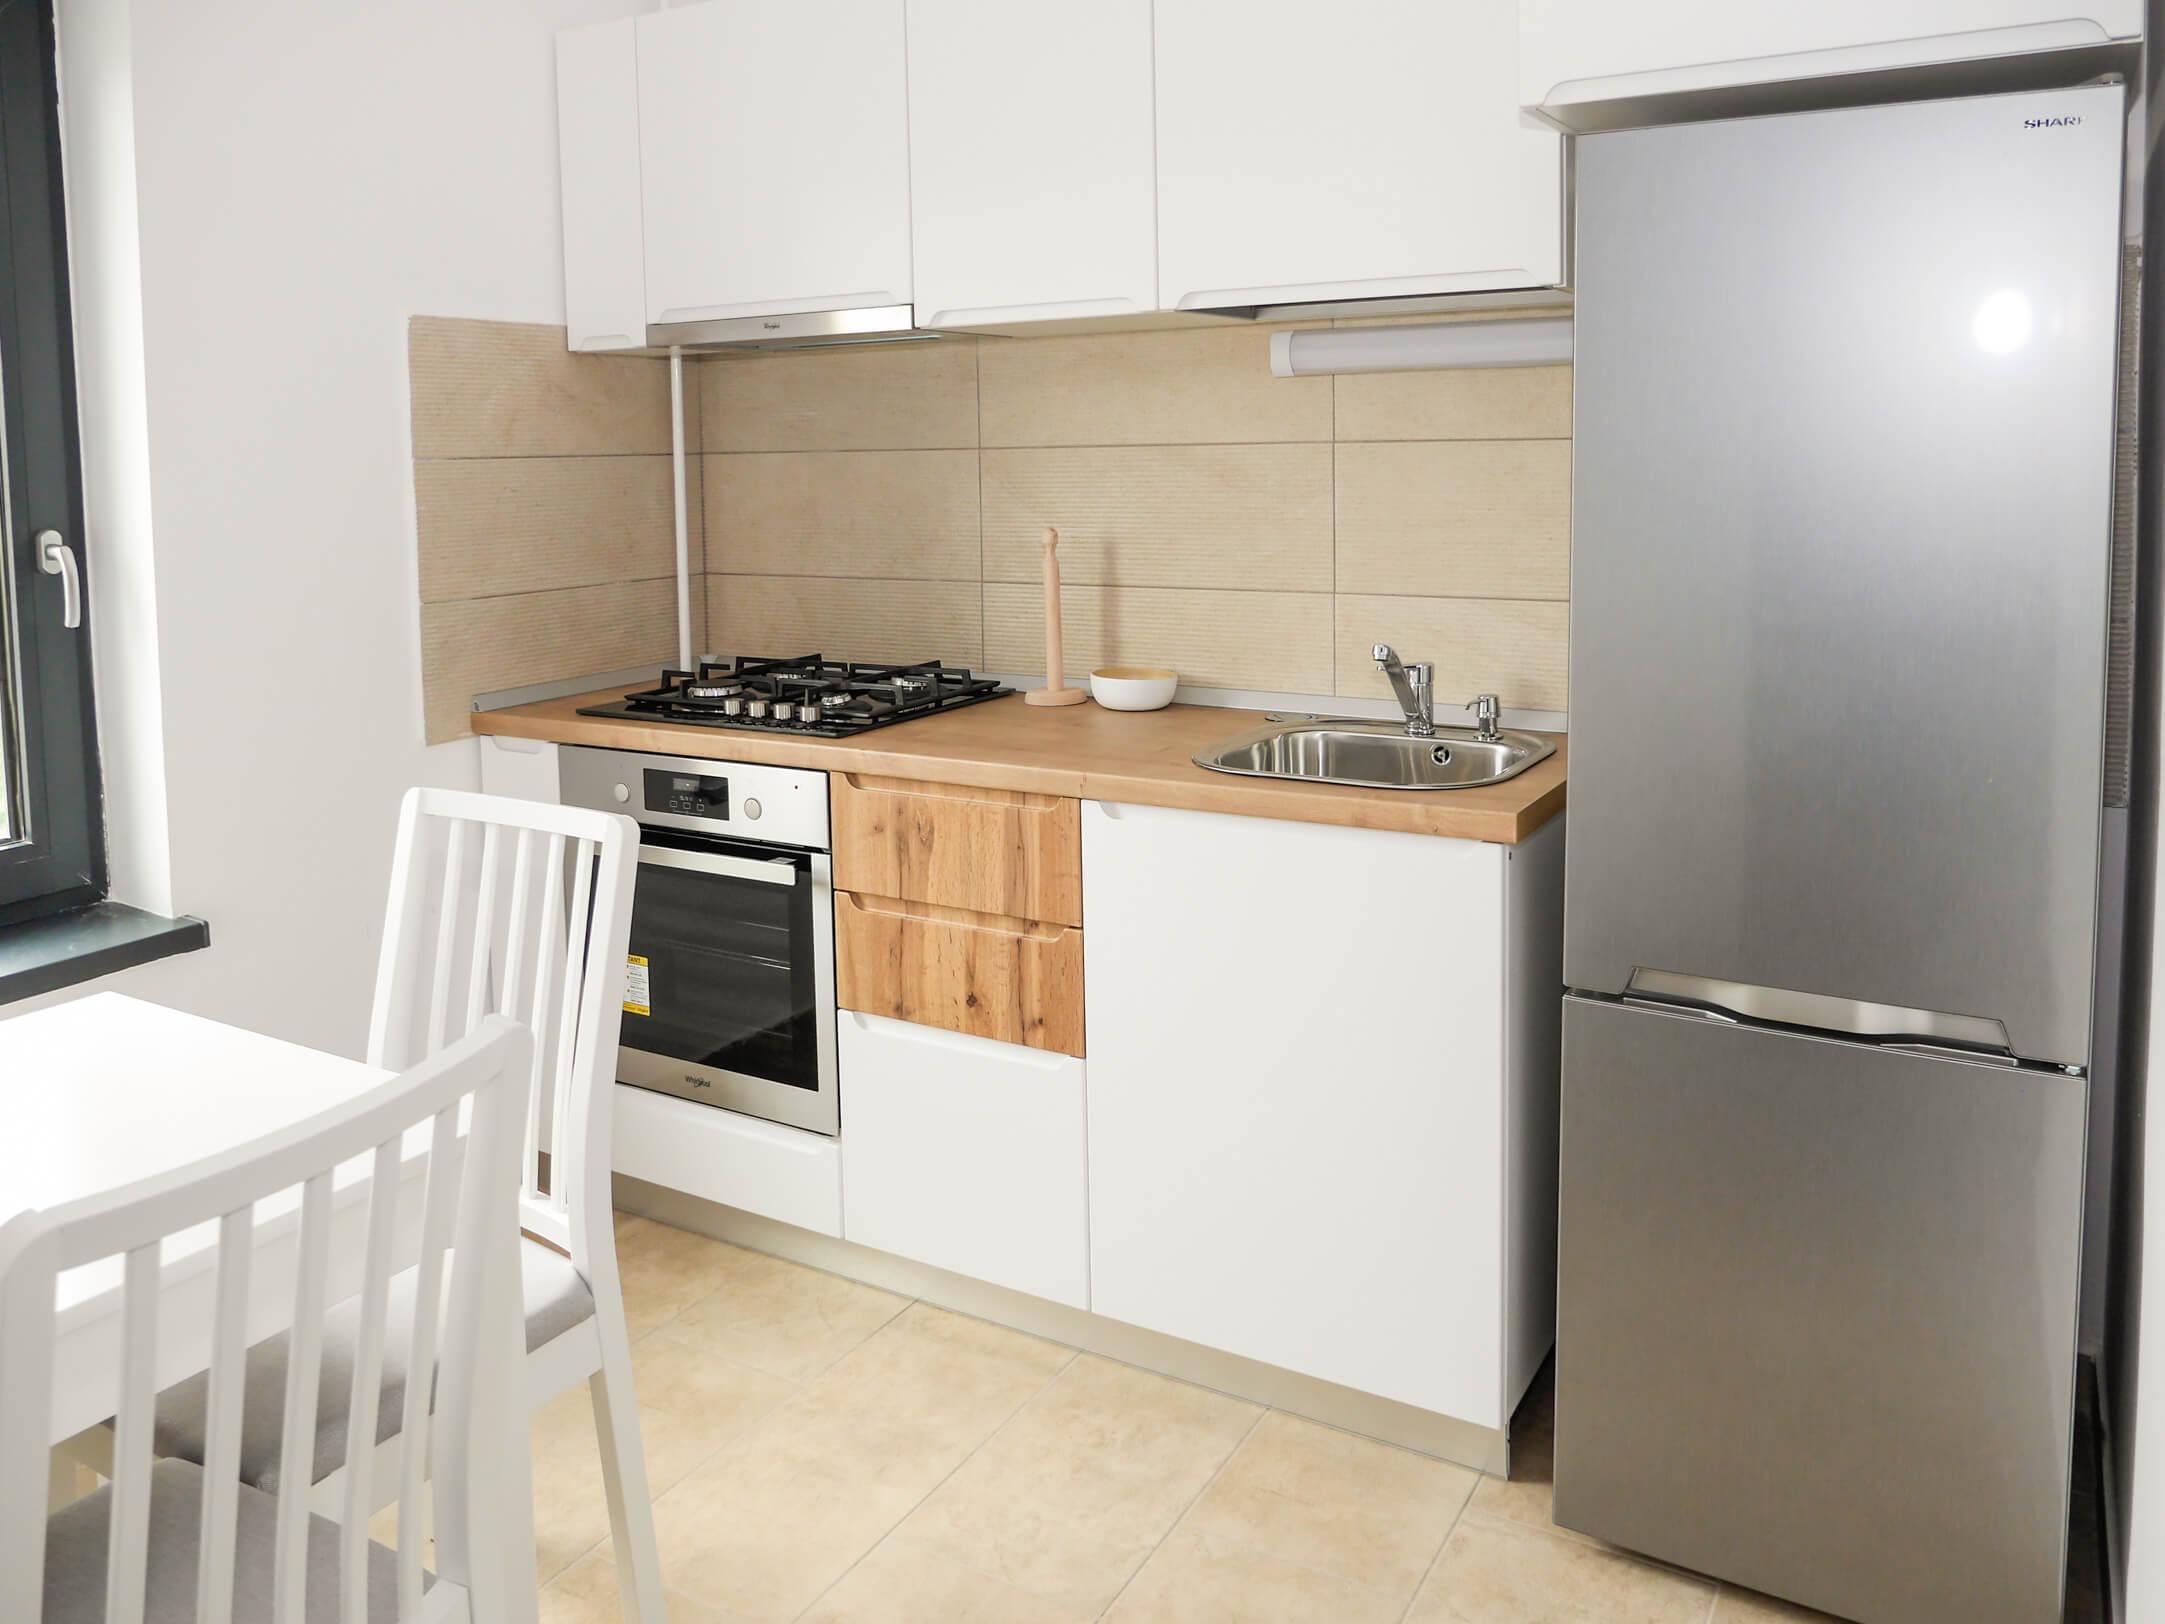 Clement Apartments - apartamente de inchiriat in regim hotelier - cazare neamt - cazare piatra neamt - apartament 5 (3)